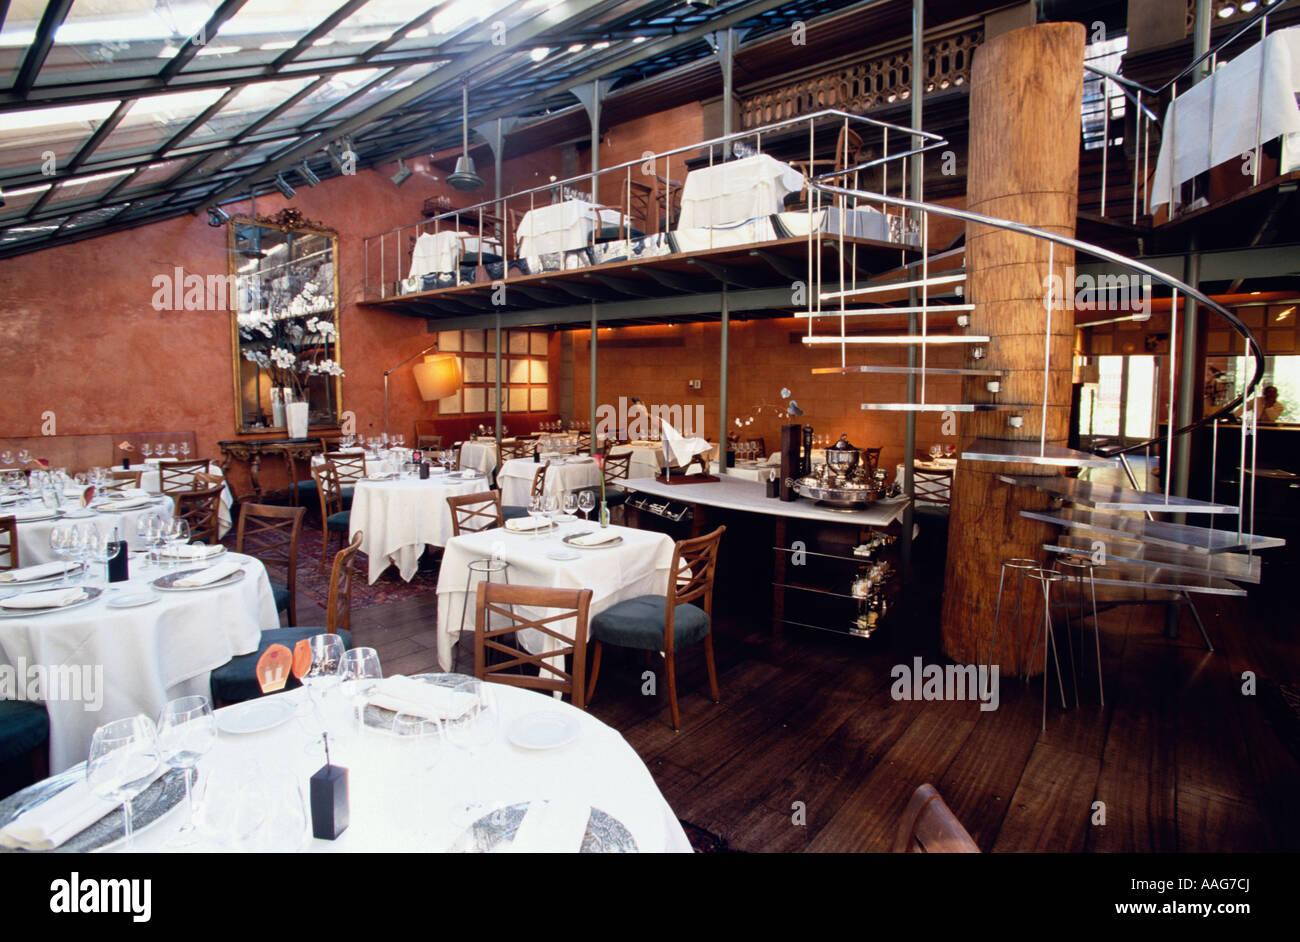 Tragaluz Restaurant Vieille Ville Eixample Barcelona La Catalogne Espagne Banque D'Images